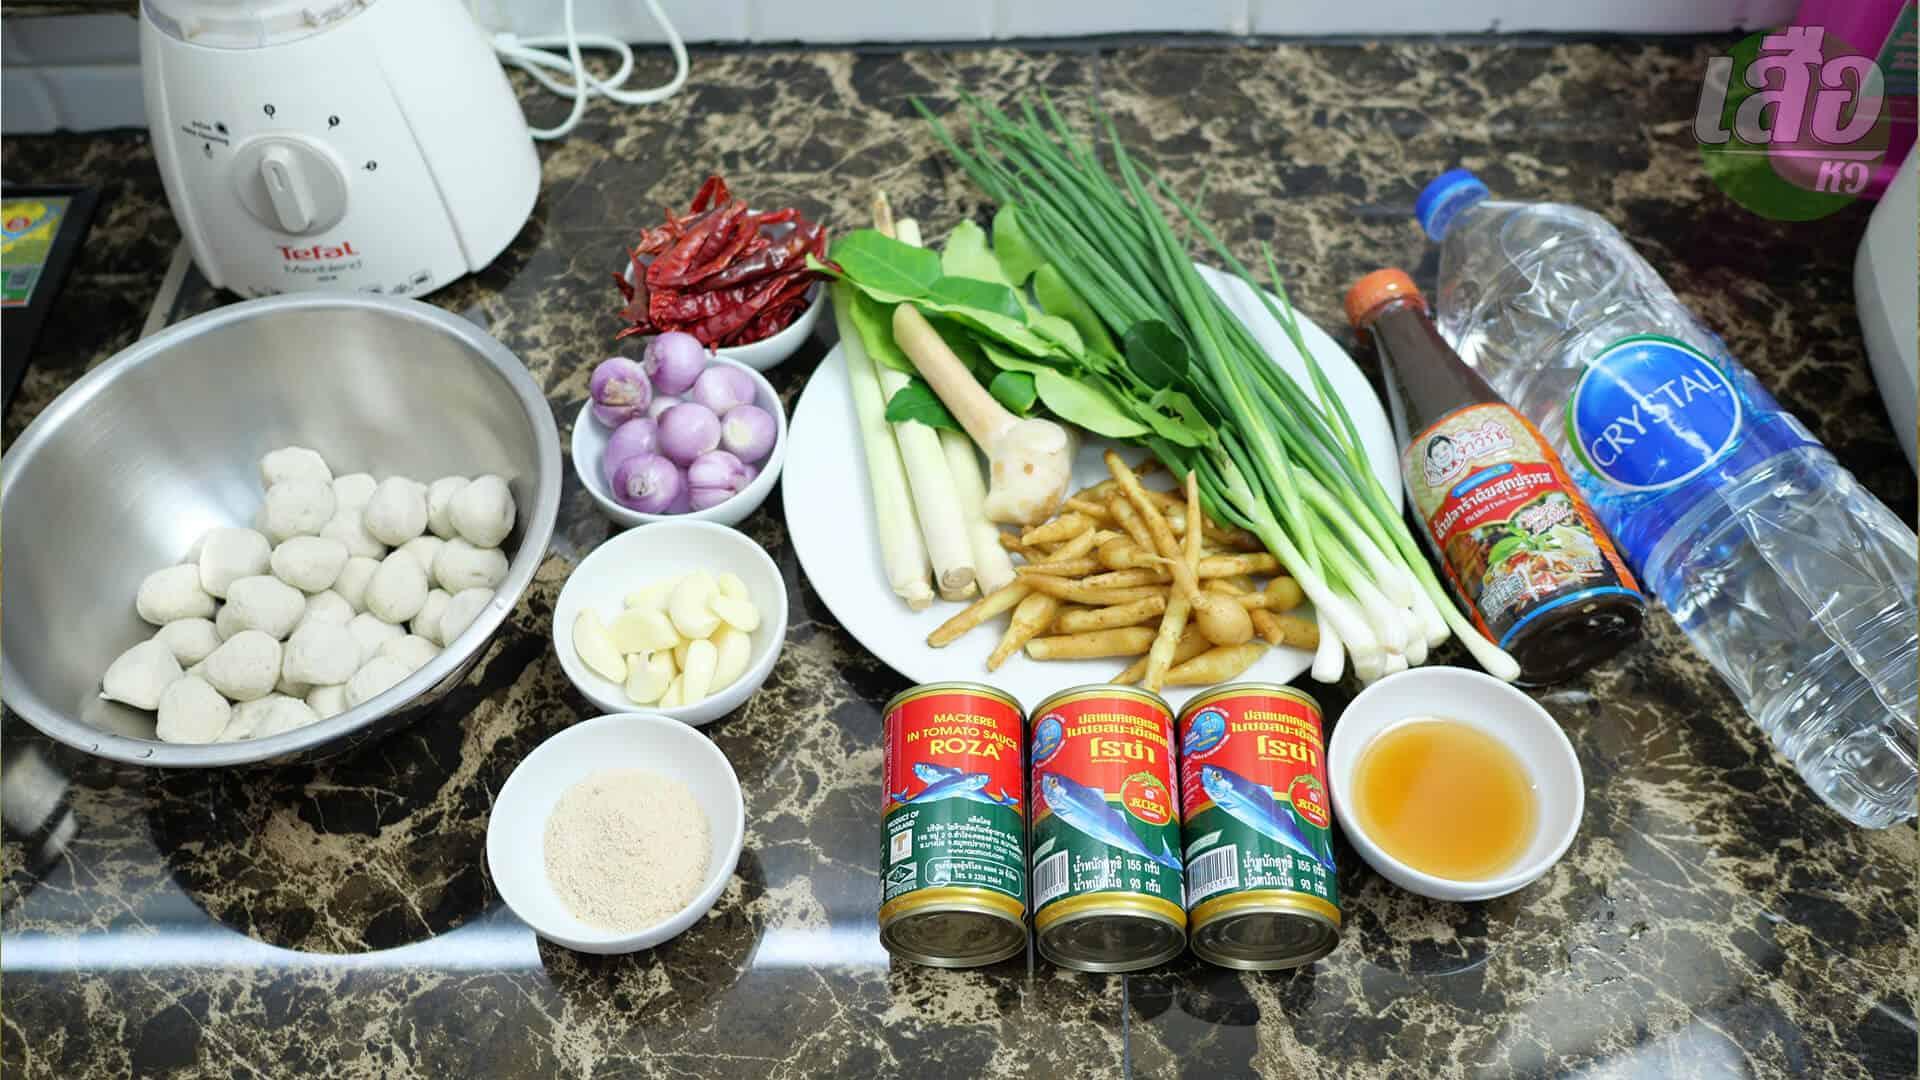 ส่วนผสมสำหรับทำขนมจีนน้ำยาป่าปลากระป๋อง